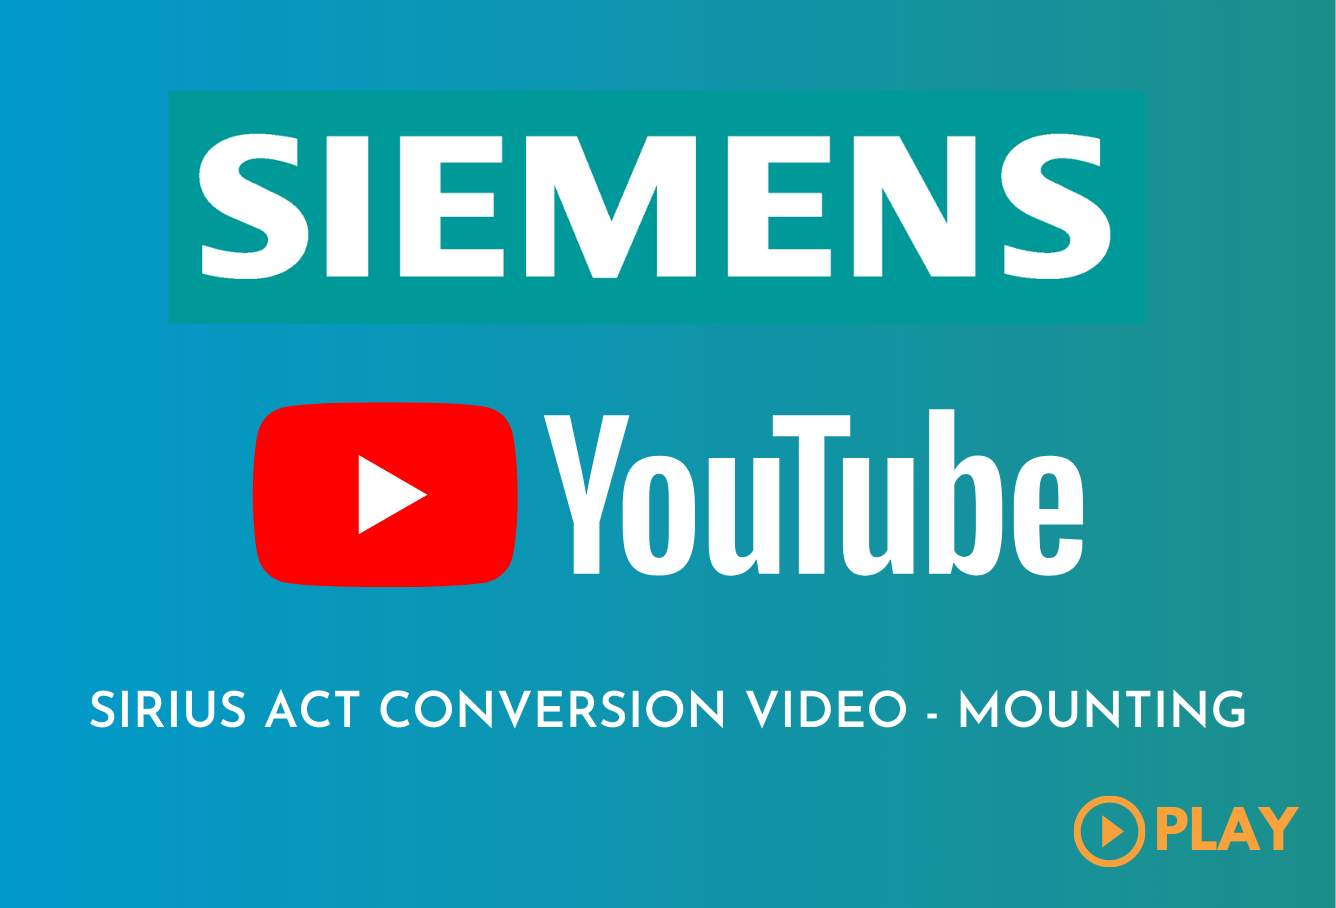 sirius act video